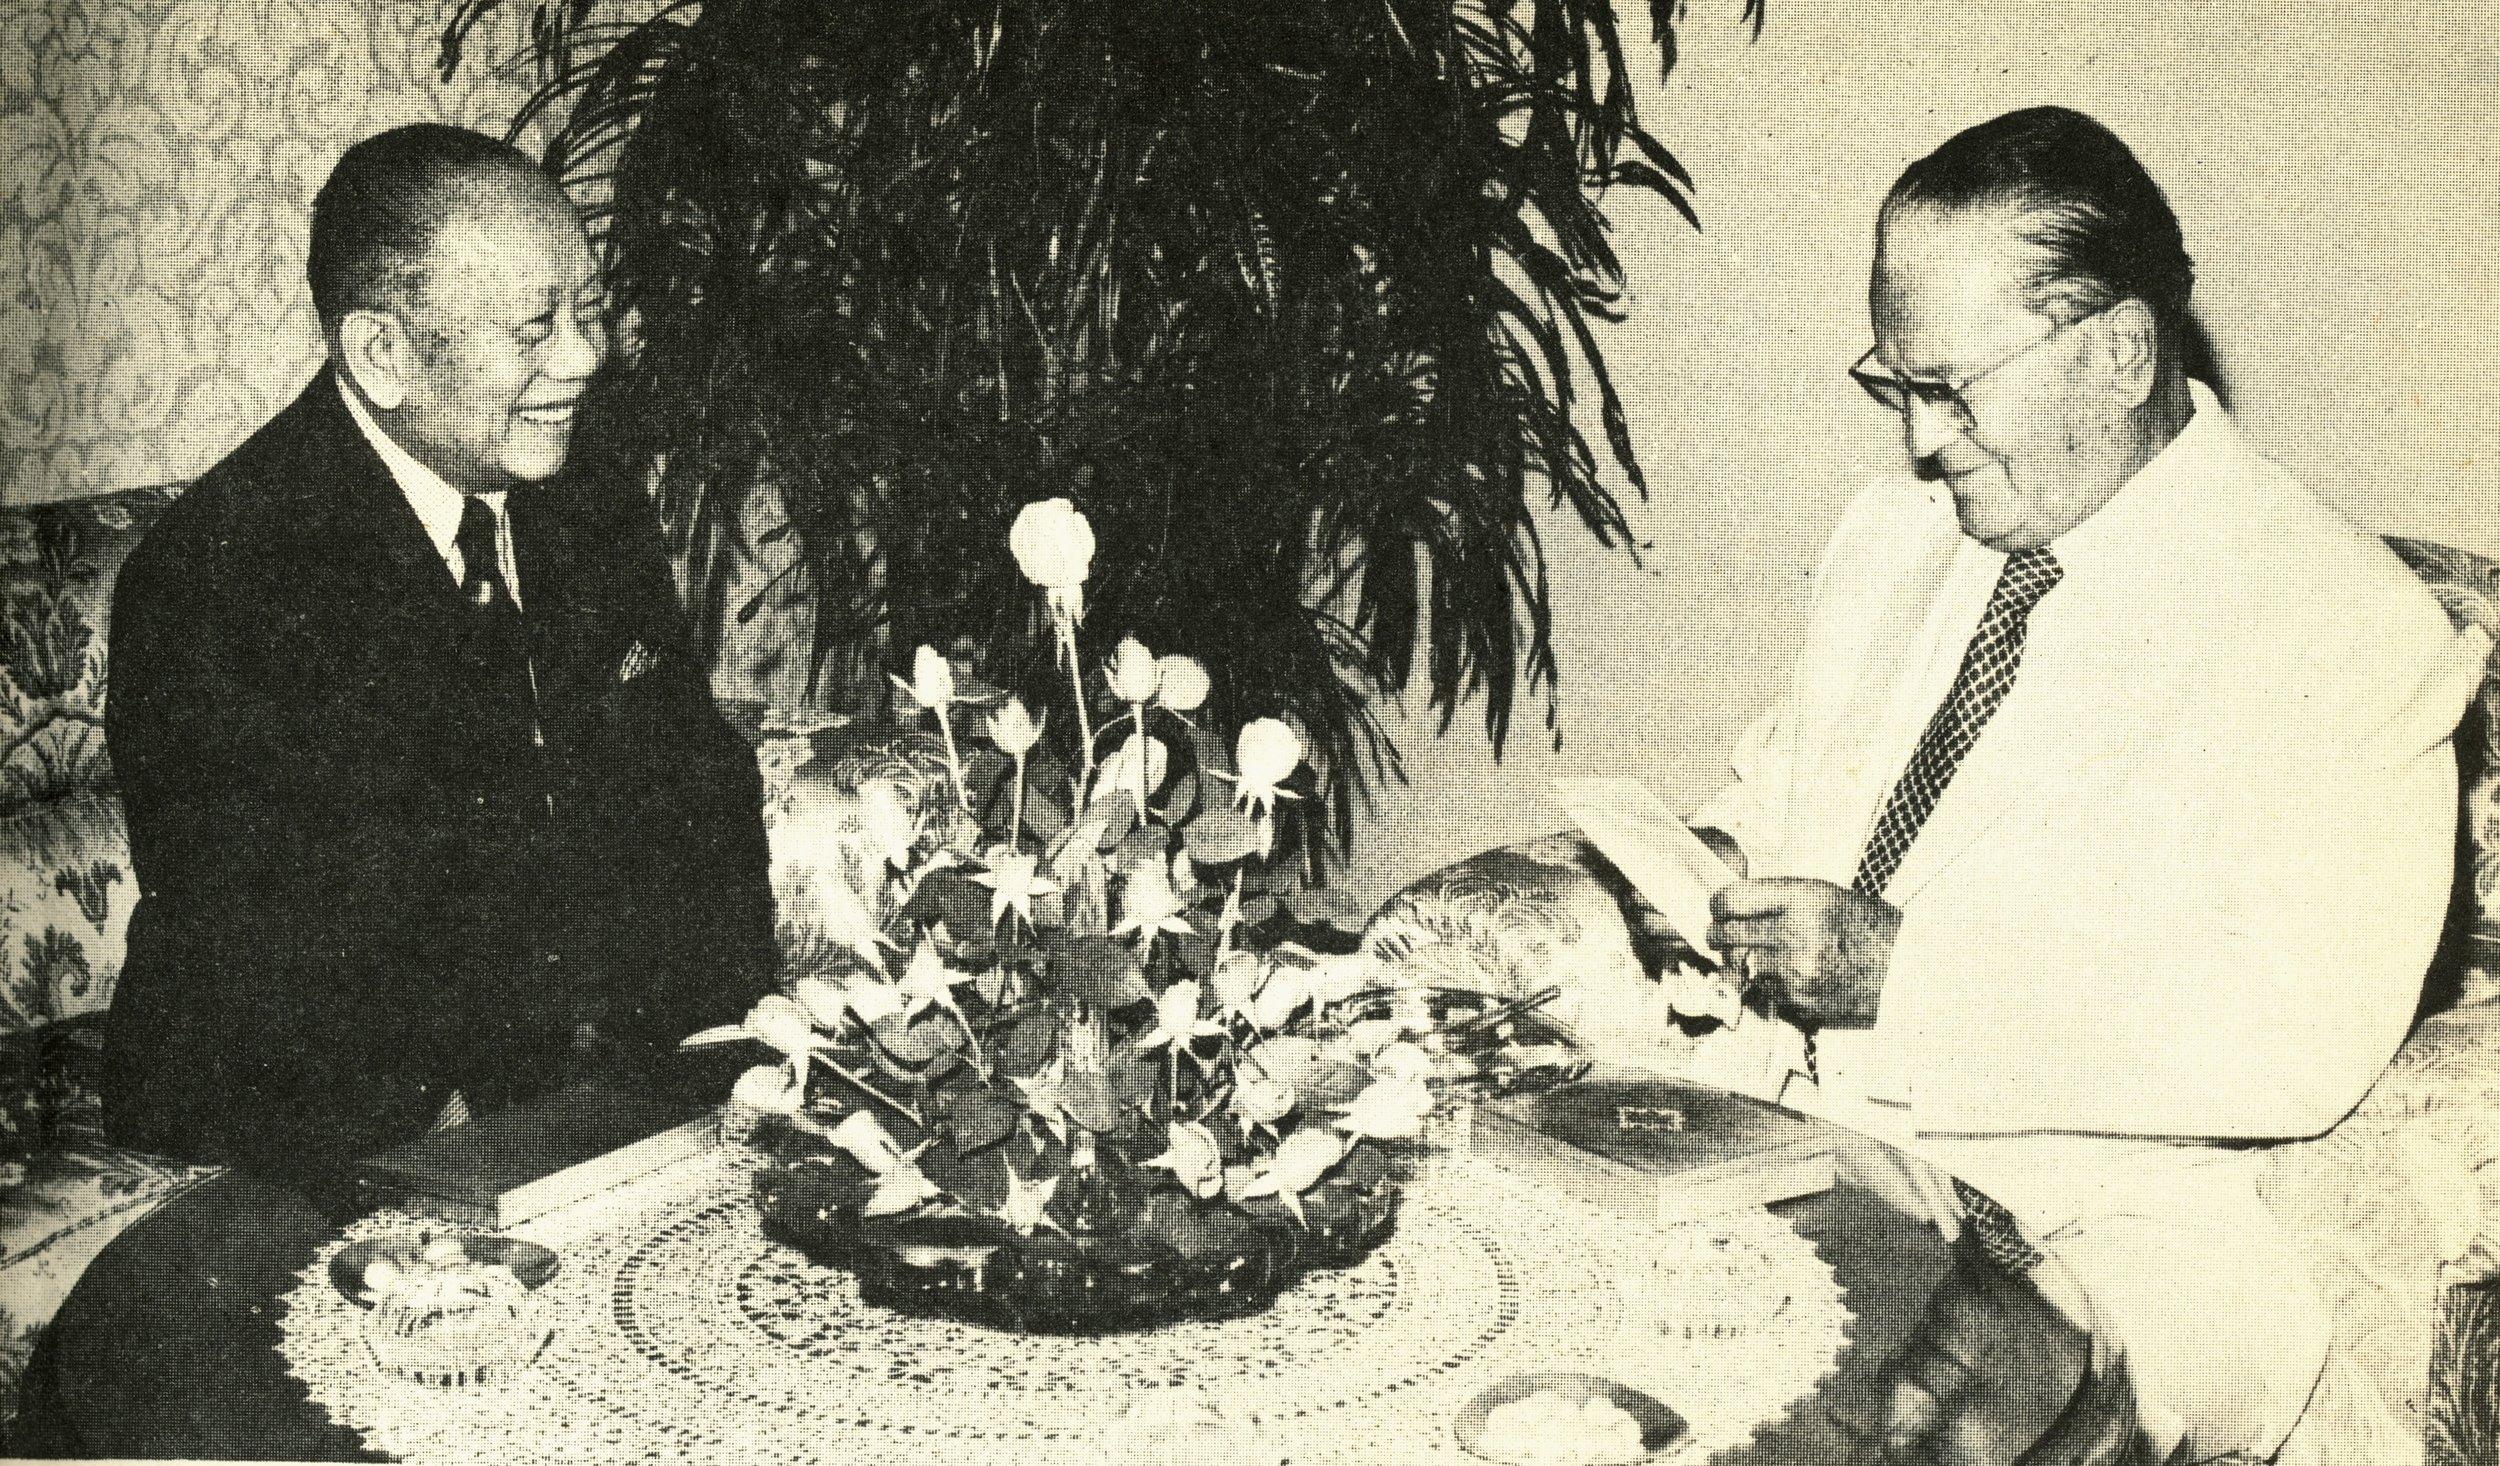 CPR and Yugoslav Pres. Josef Broz Tito